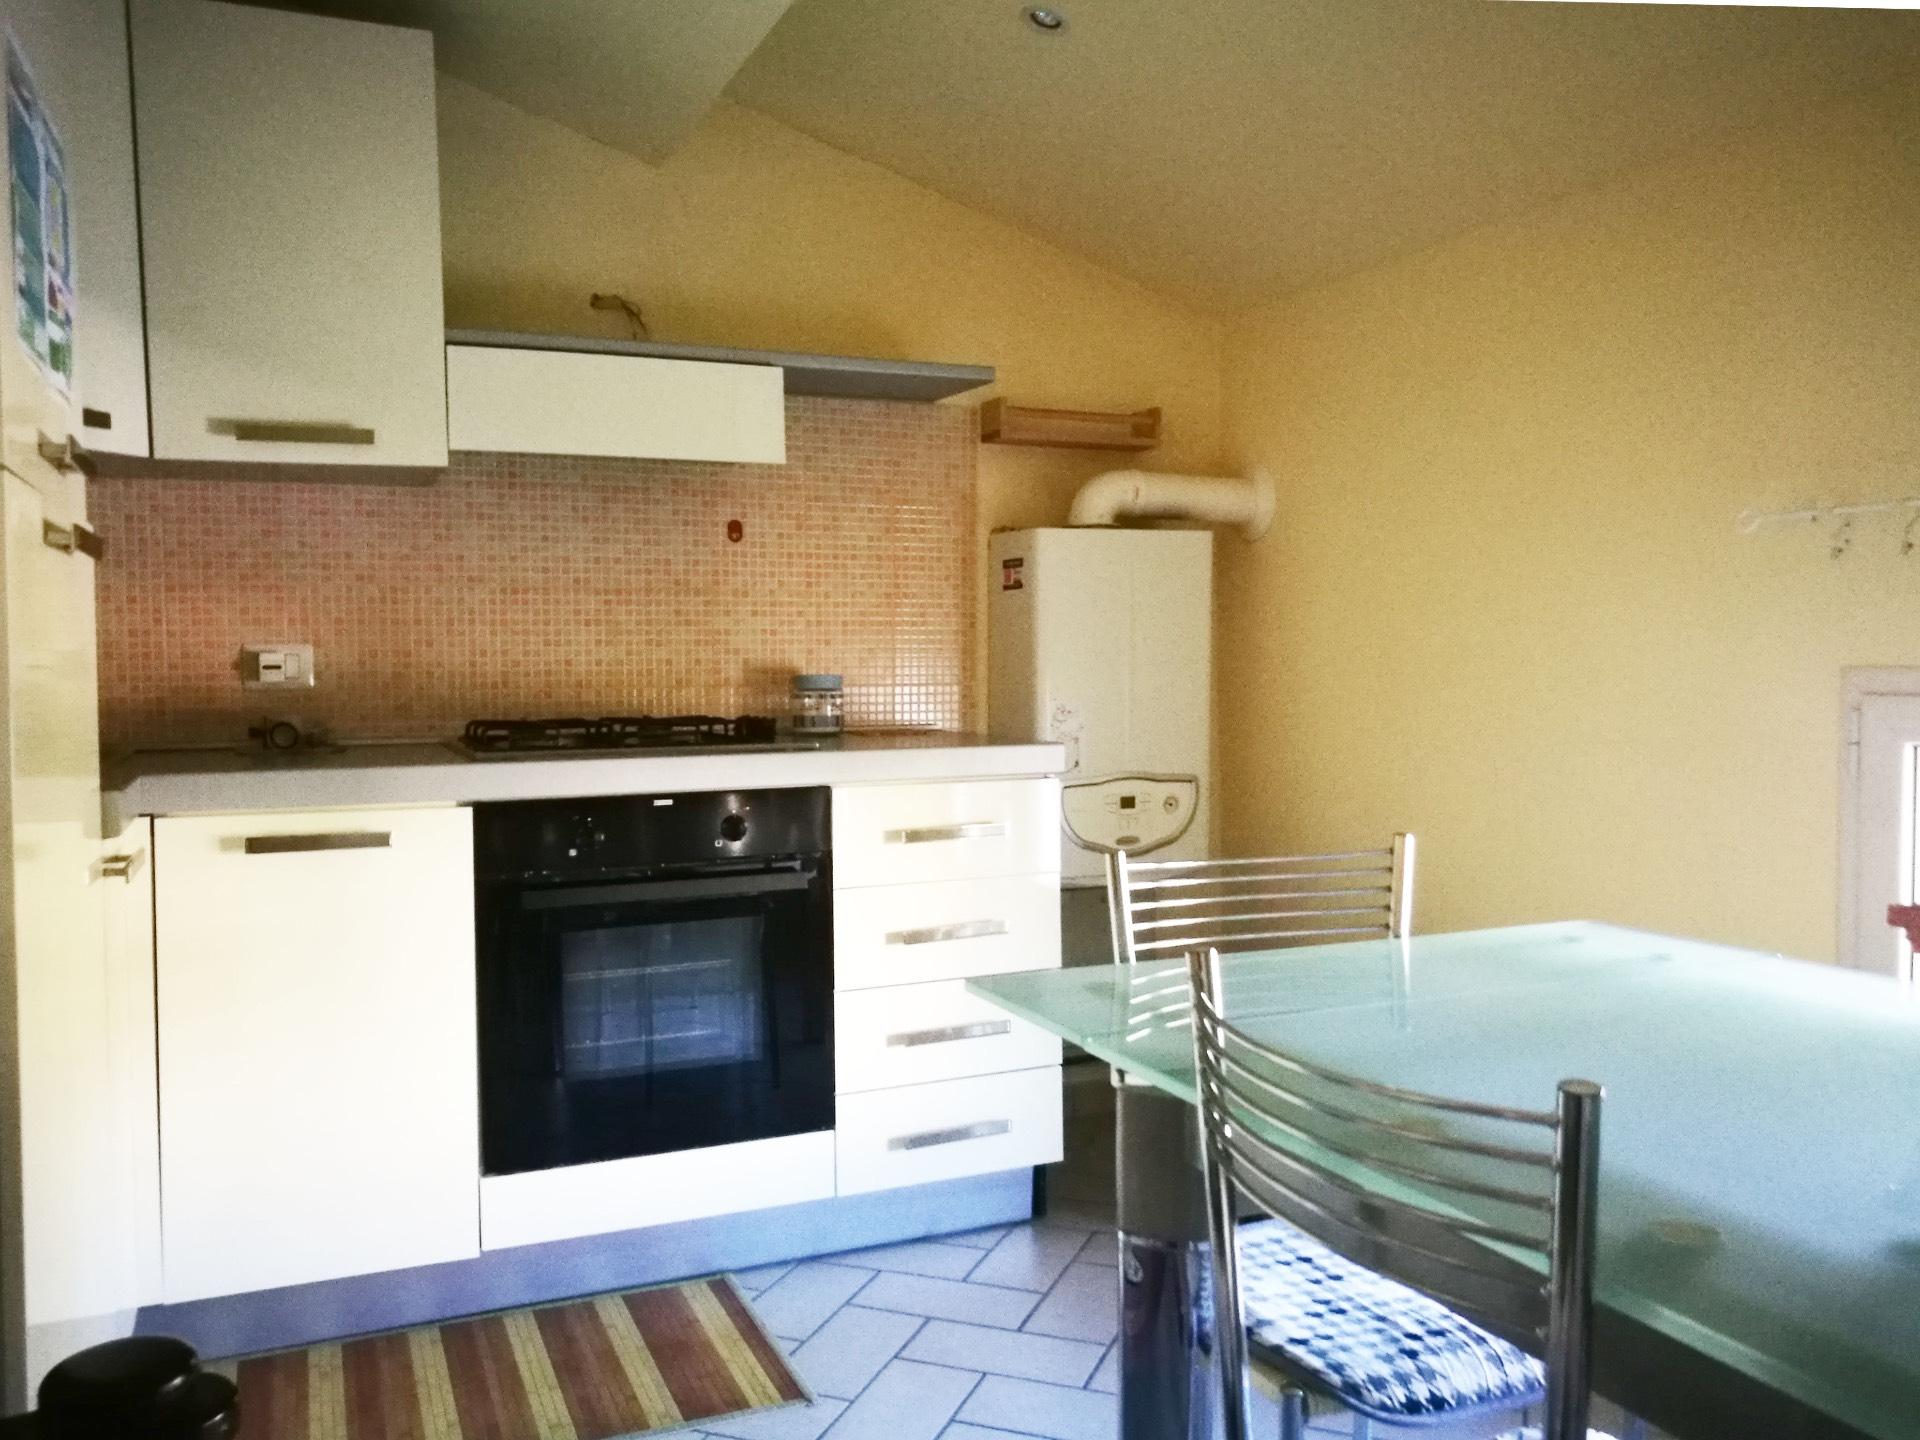 Appartamento in affitto a Pontedera, 2 locali, zona Località: Centro, prezzo € 450 | CambioCasa.it